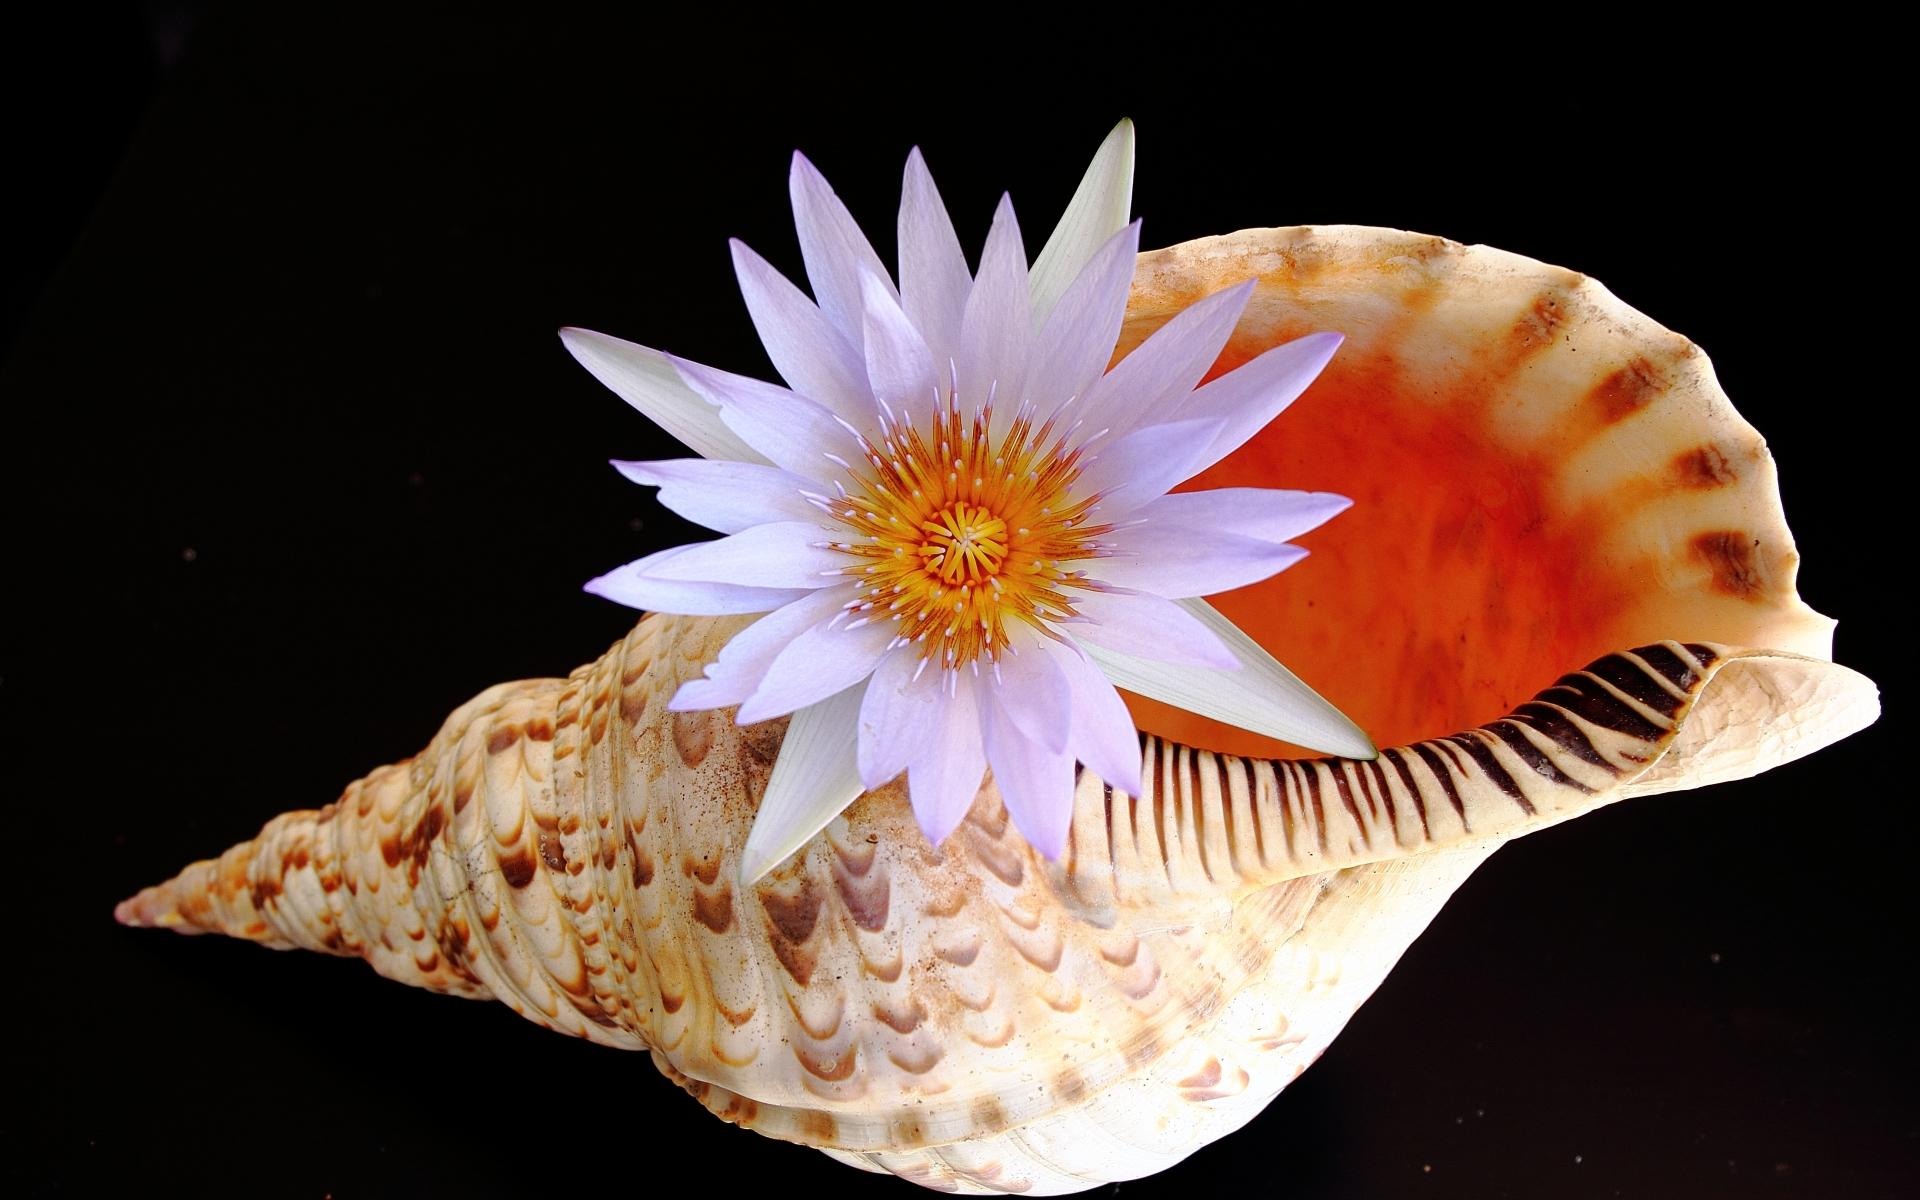 Una concha y una flor - 1920x1200